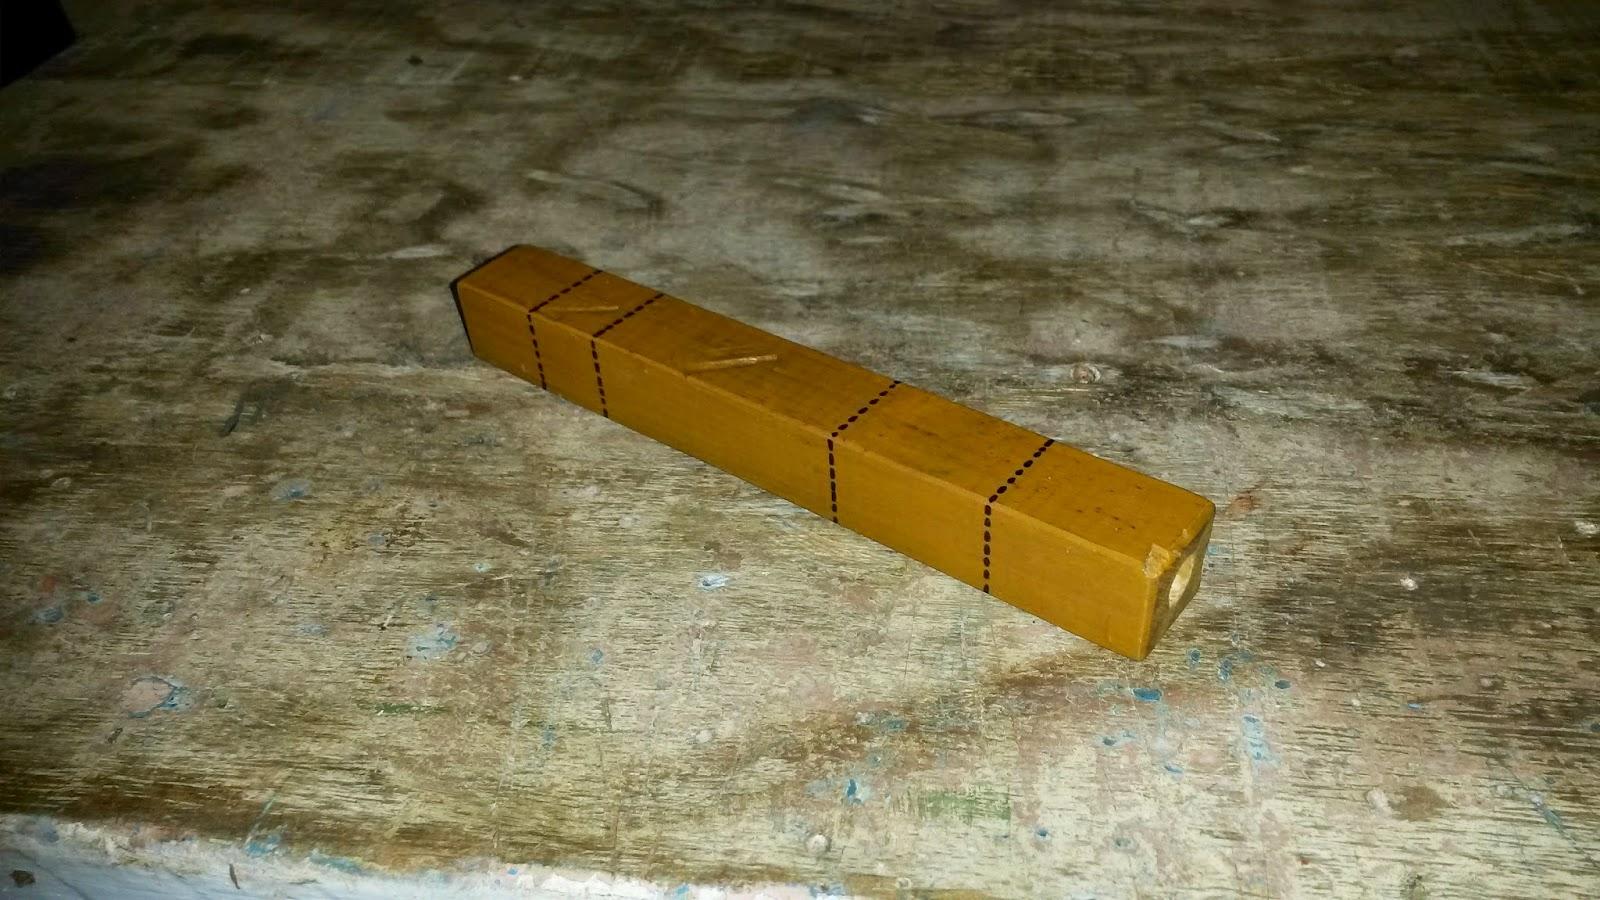 Para isso eu selecionei um pequeno pedaço de ripa de 2x2 cm prendi  #B38213 1600x900